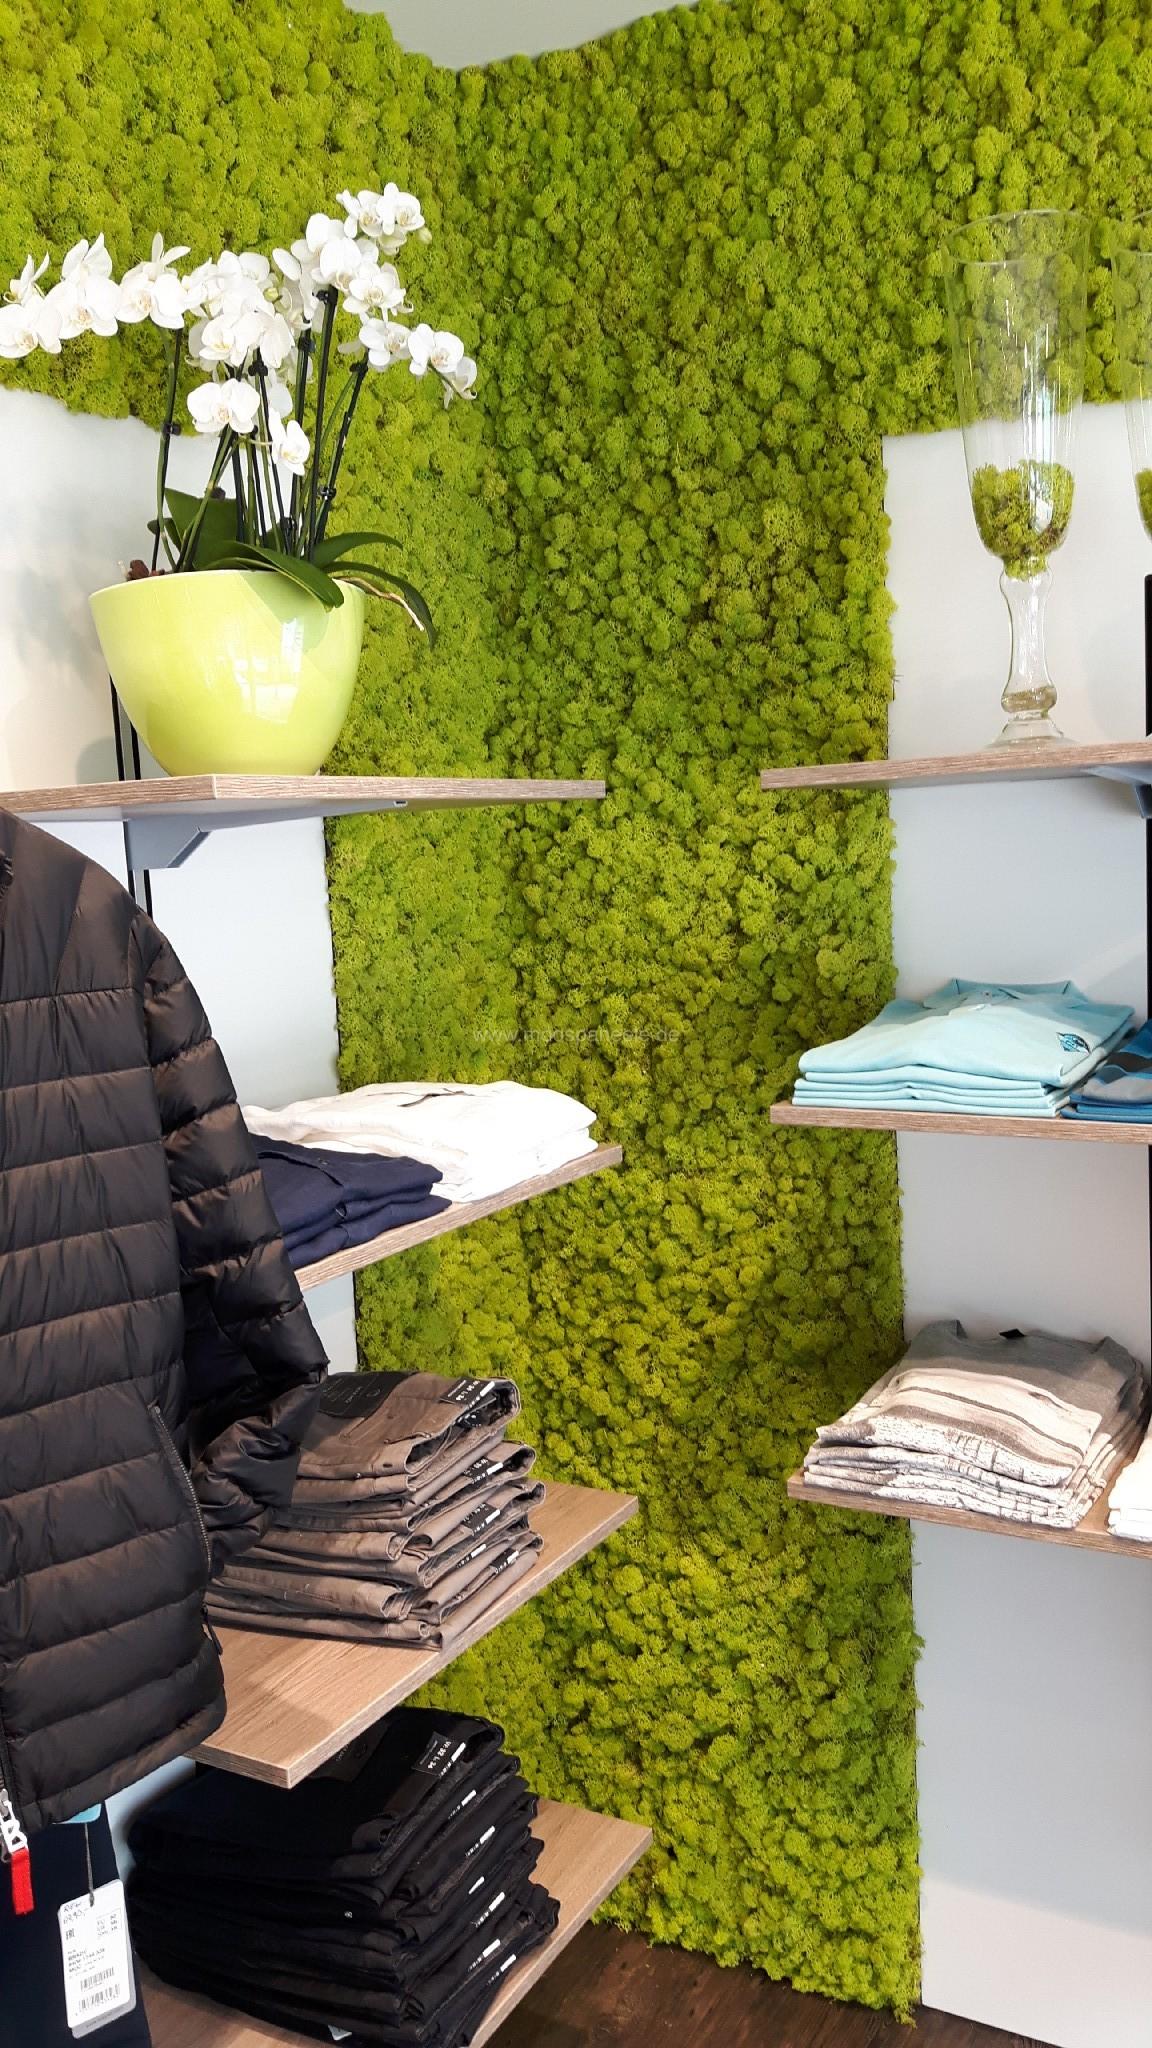 Mooswände mit Islandmoos in der Farbe Frühlingsgrün in einem Bekleidungsgeschäft in Bad Zwischenahn